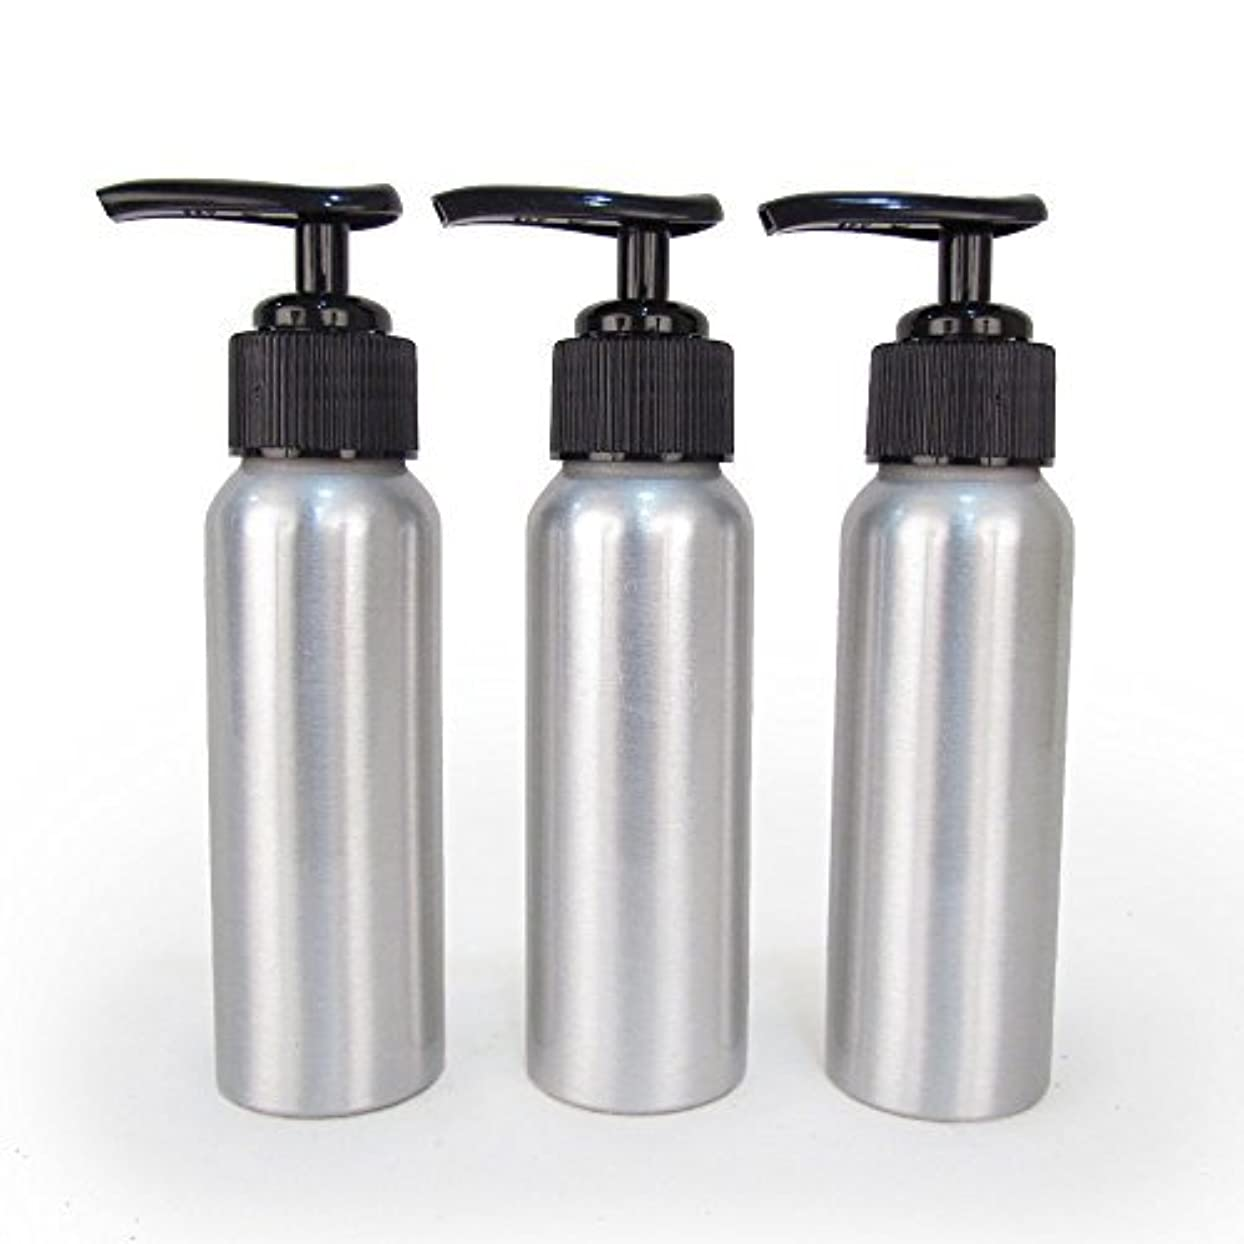 大騒ぎデータ操作Set of 3 - Slender Brushed Aluminum 2.7 oz Pump Bottle for Essential Oil Products by Rivertree Life [並行輸入品]